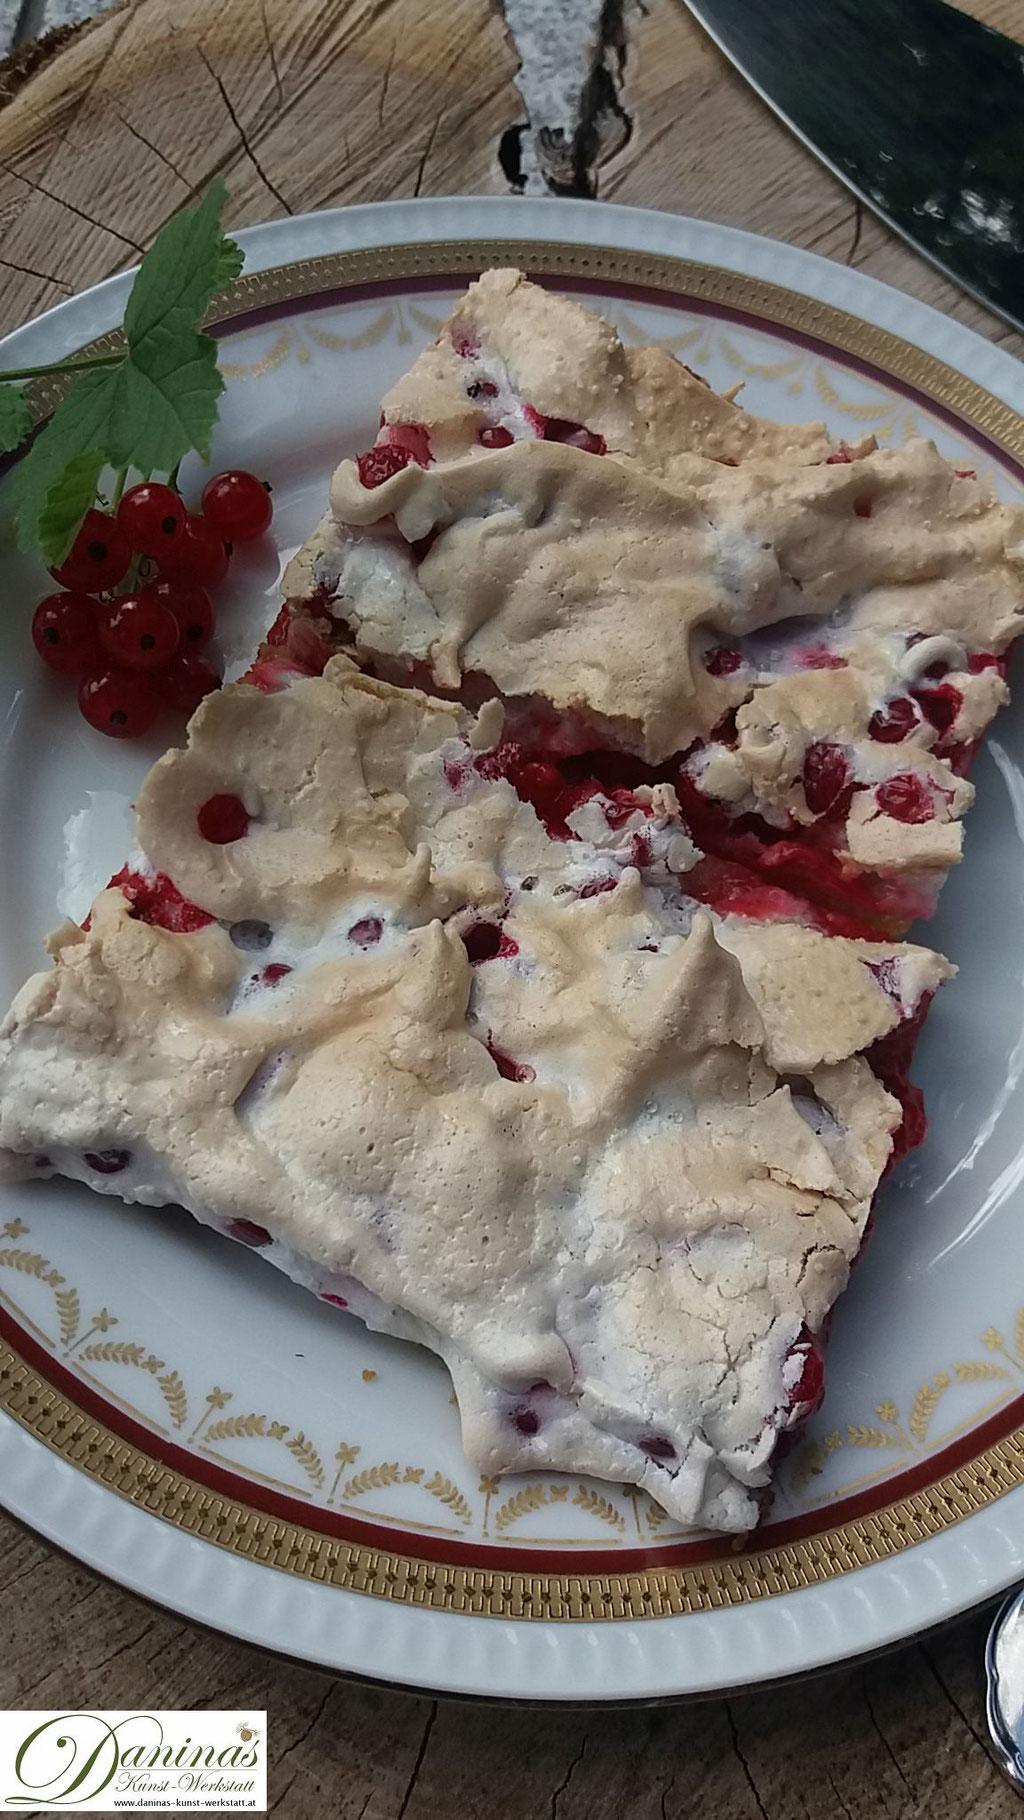 Ribiselkuchen mit Schneehaube. Feiner Mürbeteigkuchen Rezept by Daninas Dad.